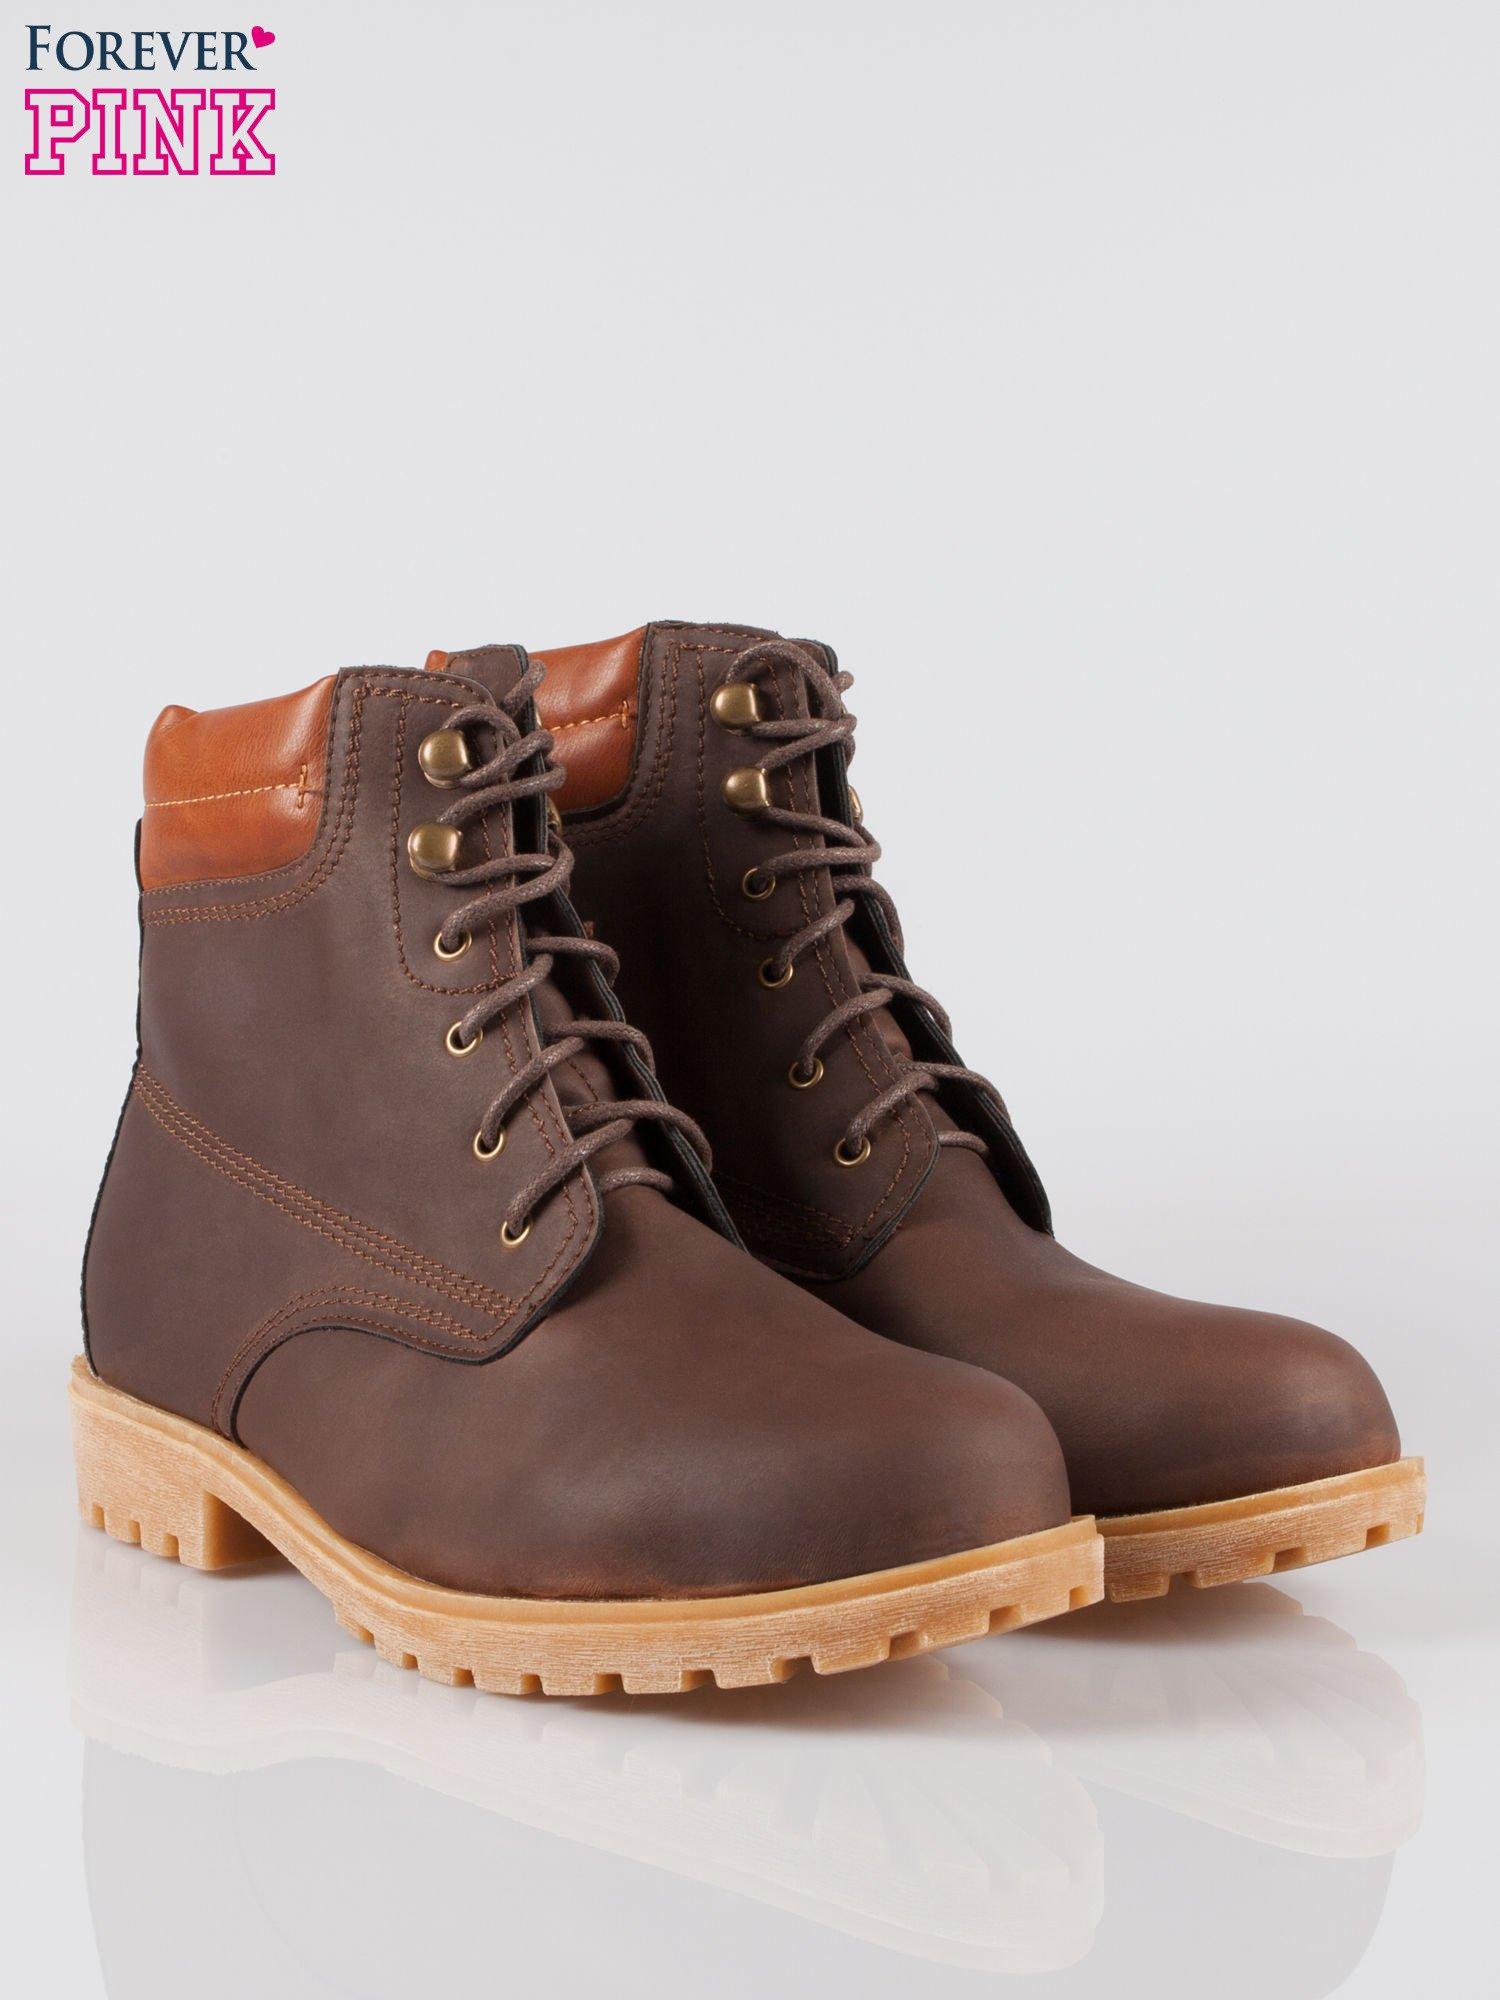 Ciemnobrązowe buty trekkingowe damskie typu traperki                                  zdj.                                  2